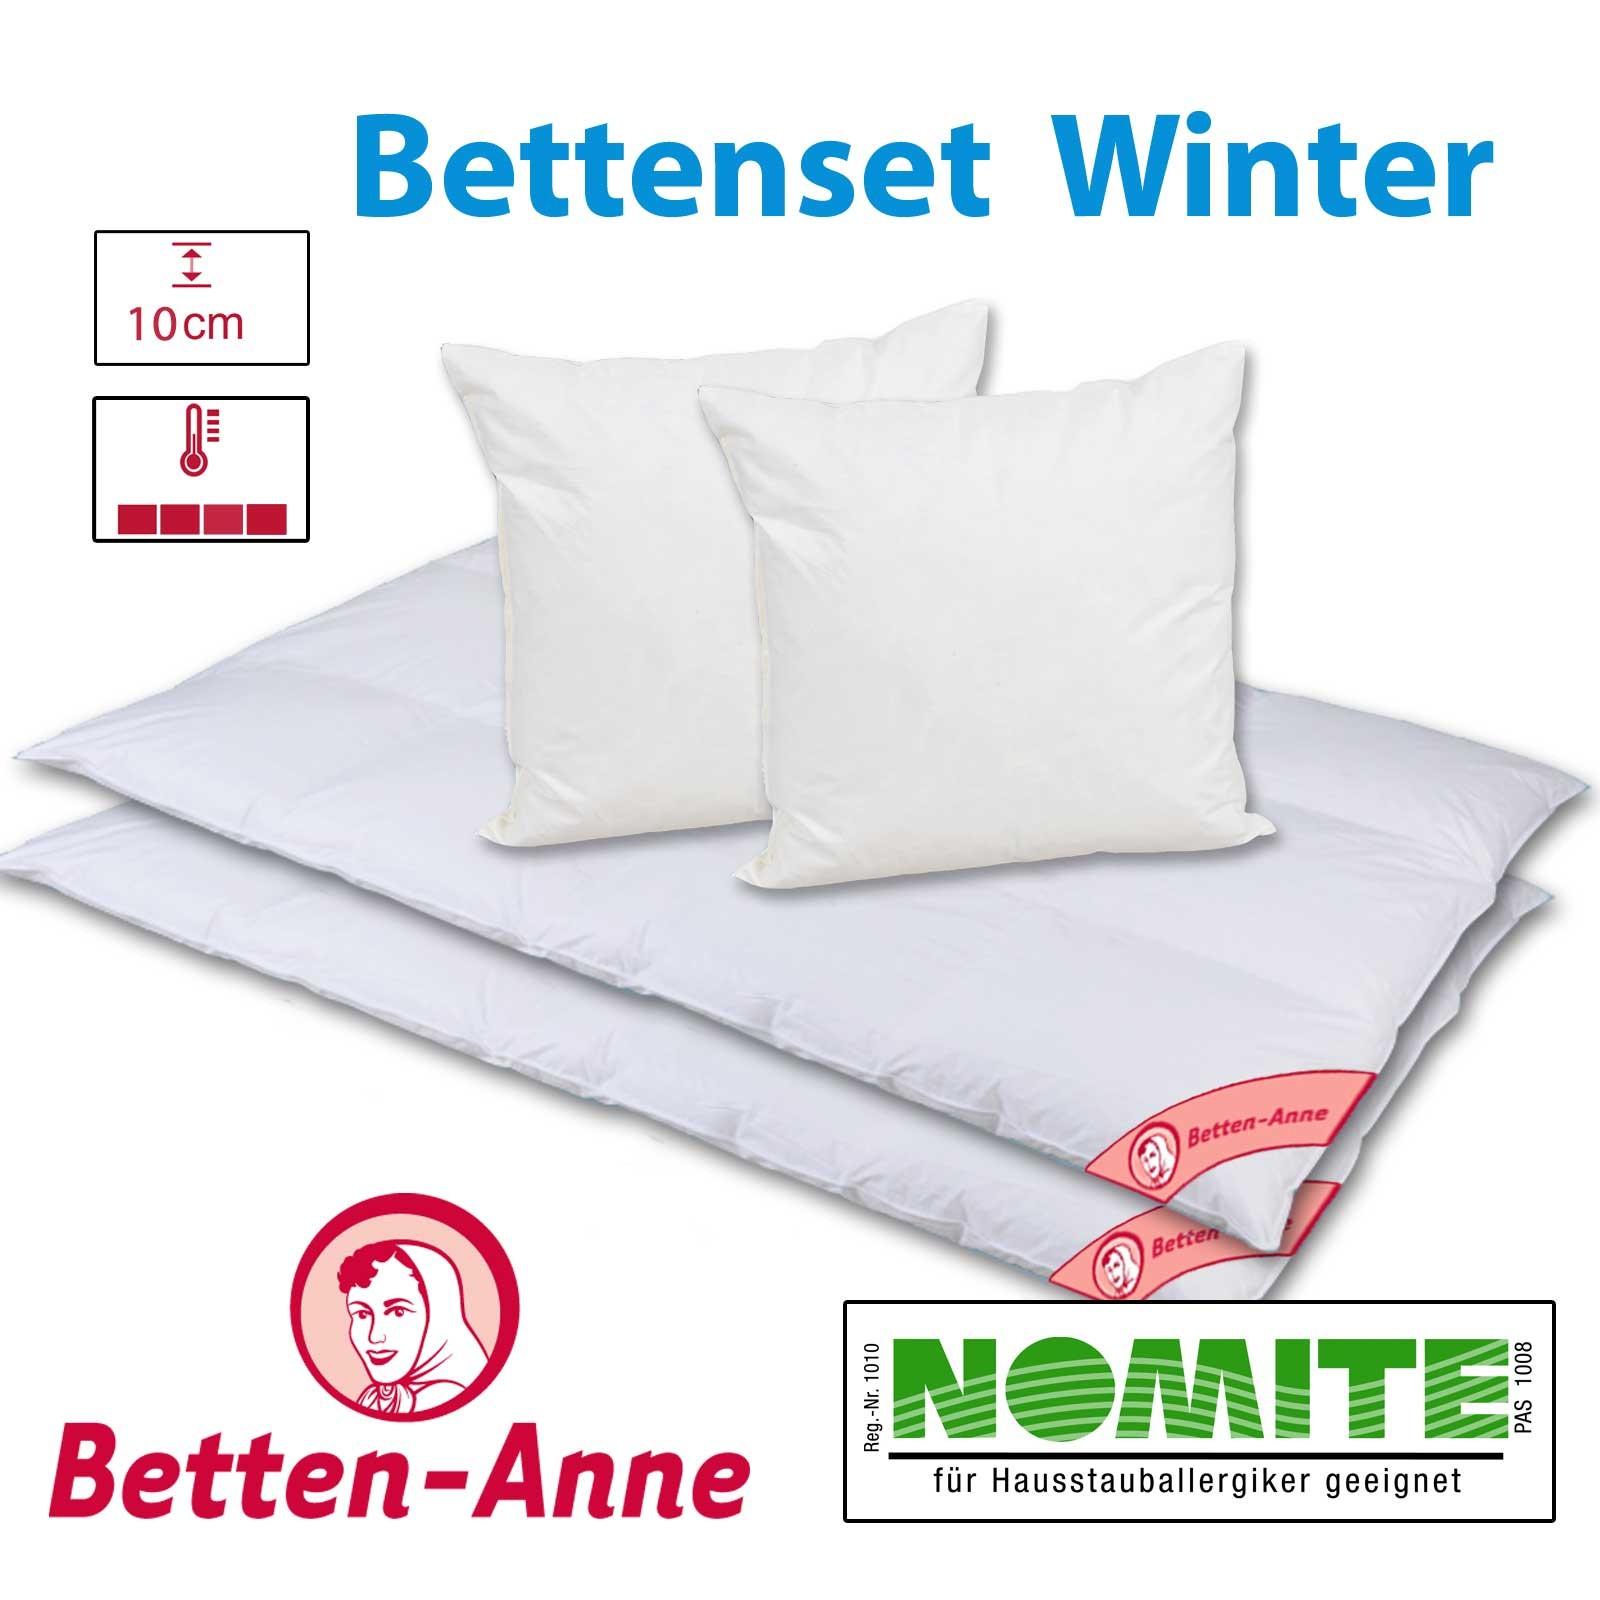 Bettenset Winter für 2 Personen mit Kassettendecken und 2 Kopfkissen